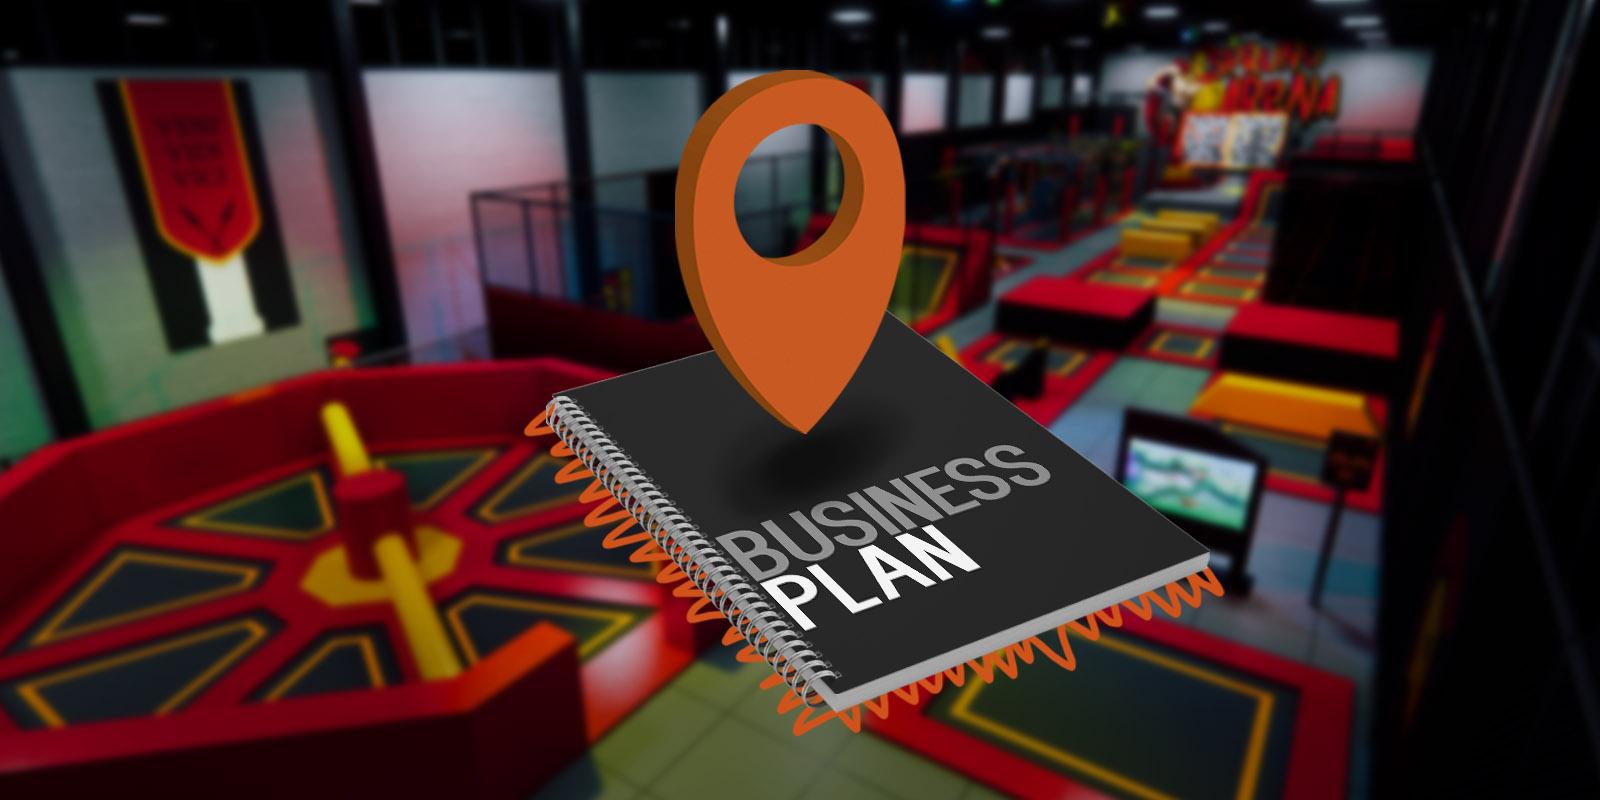 Indoortainment Businessplan Business Plan Contigo Indoorspielplatz Trampolinpark